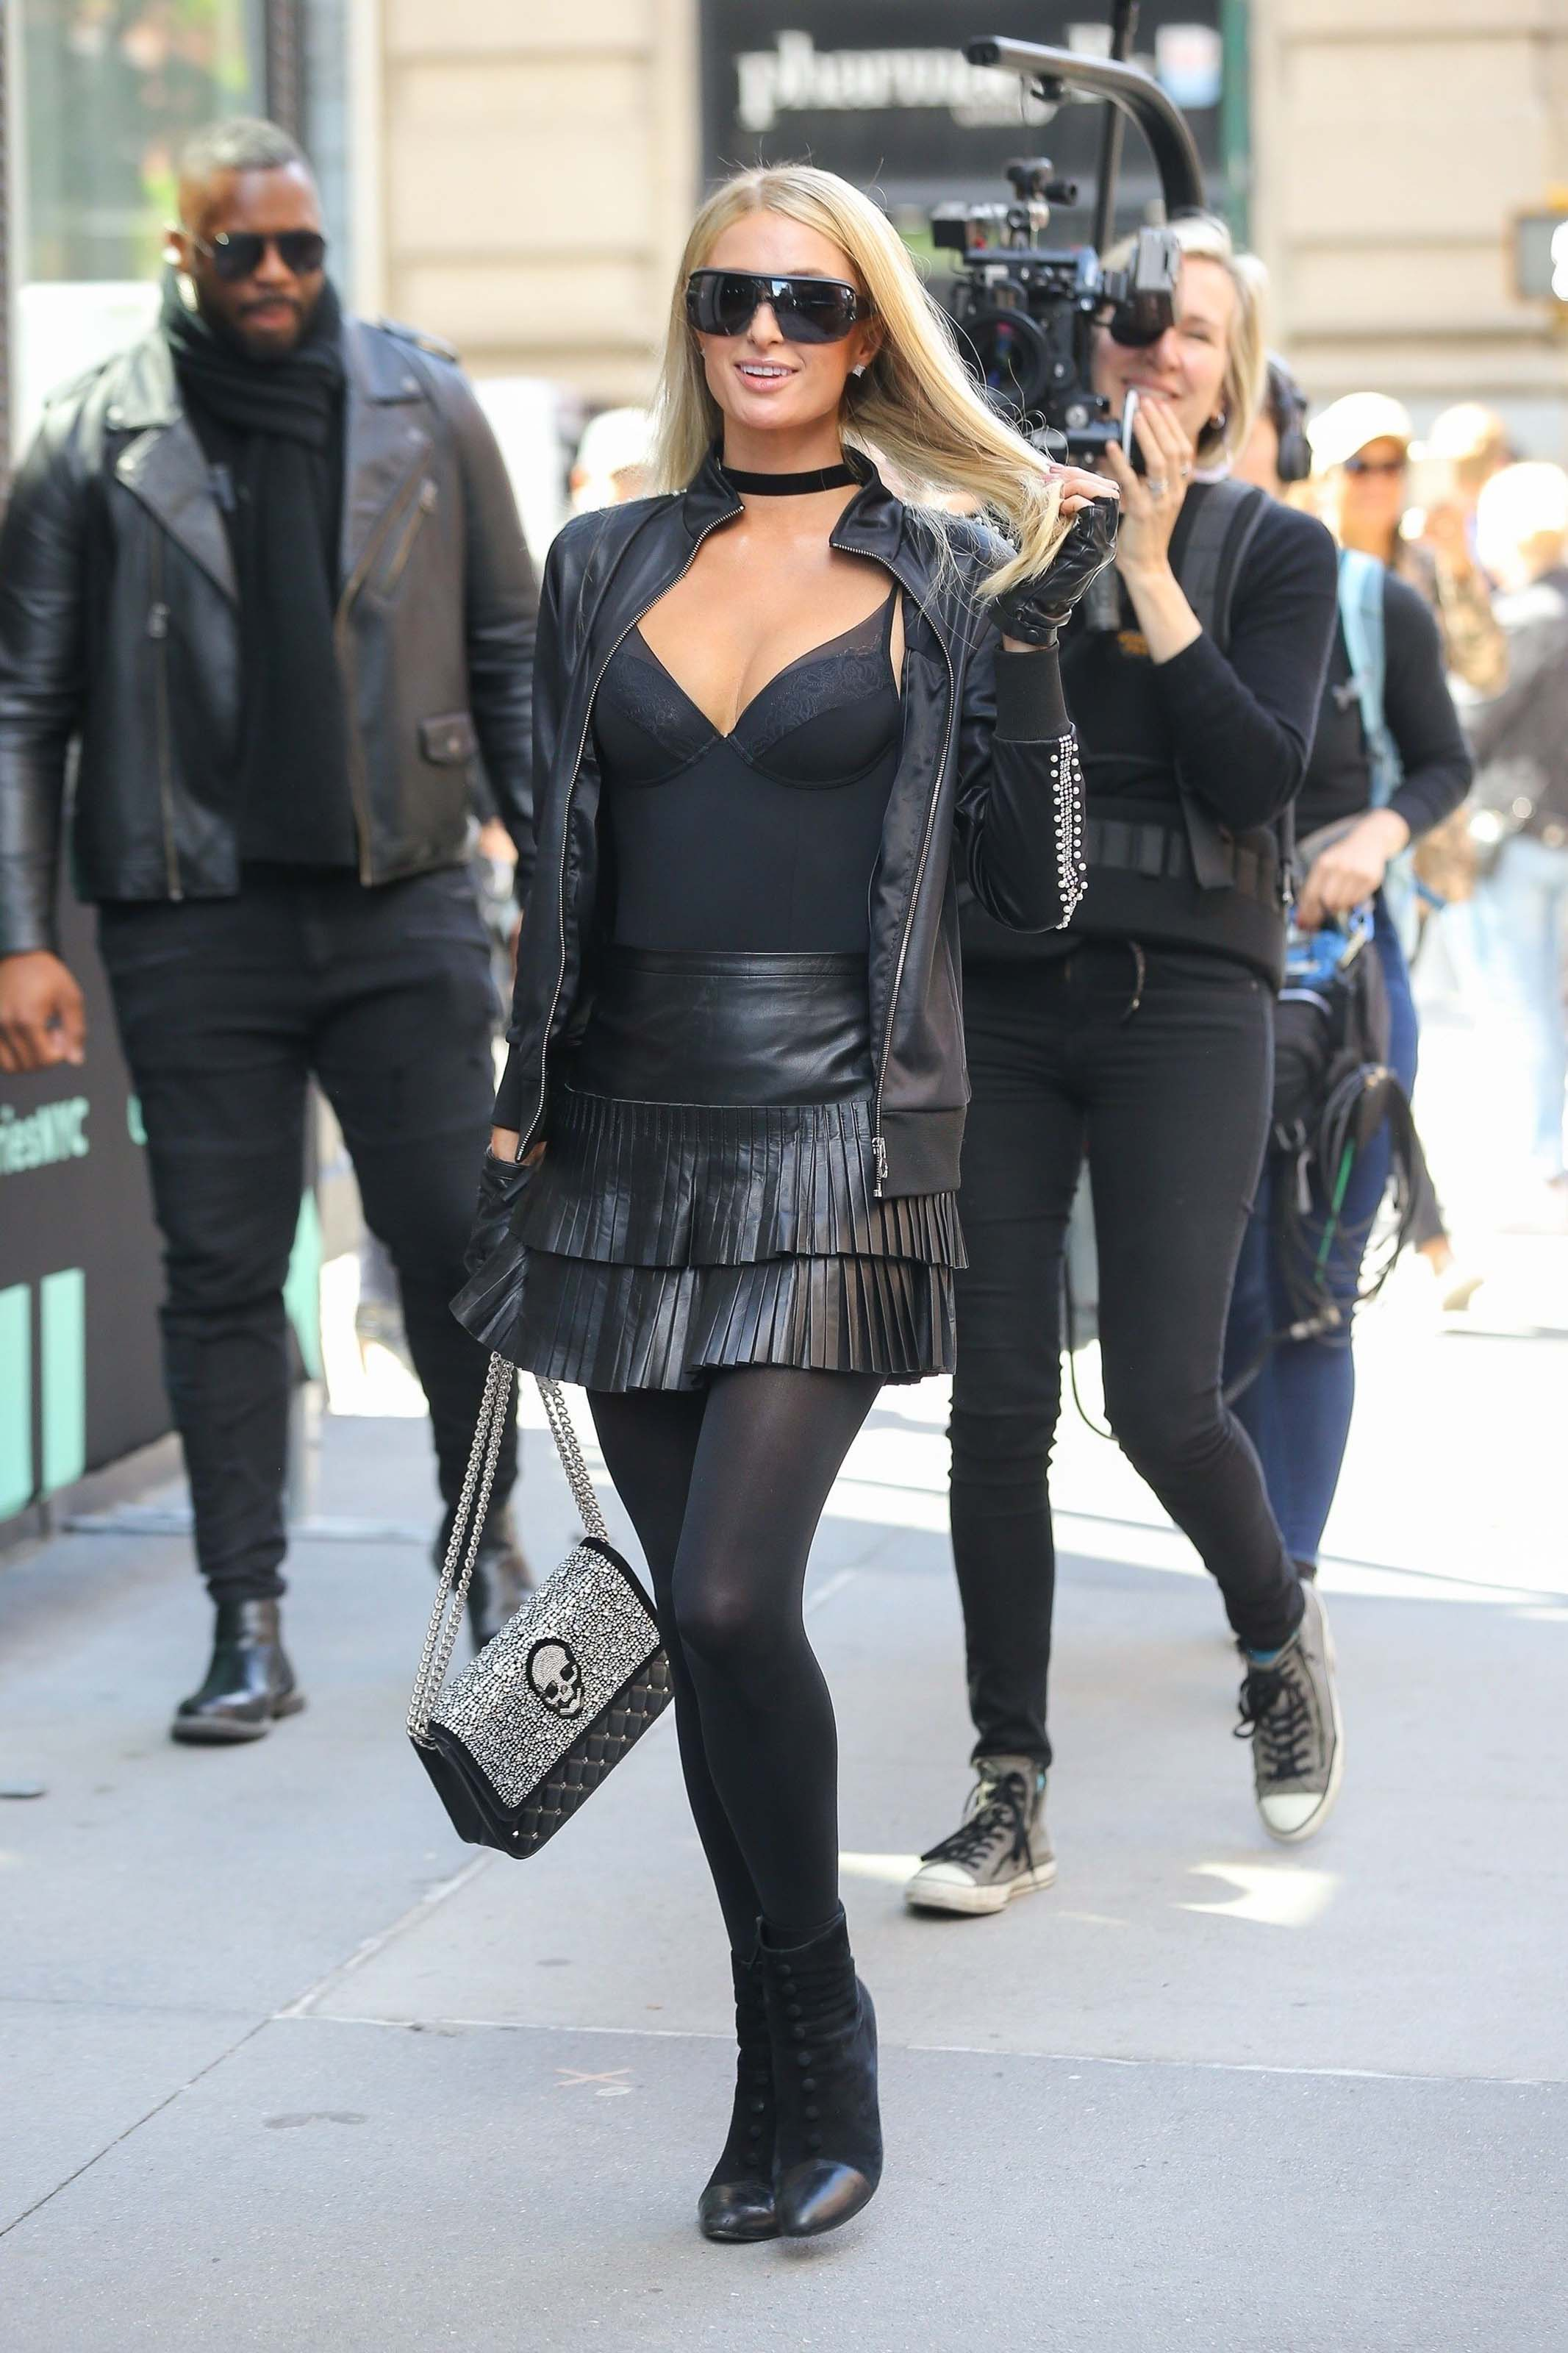 Paris Hilton arrives at the build series